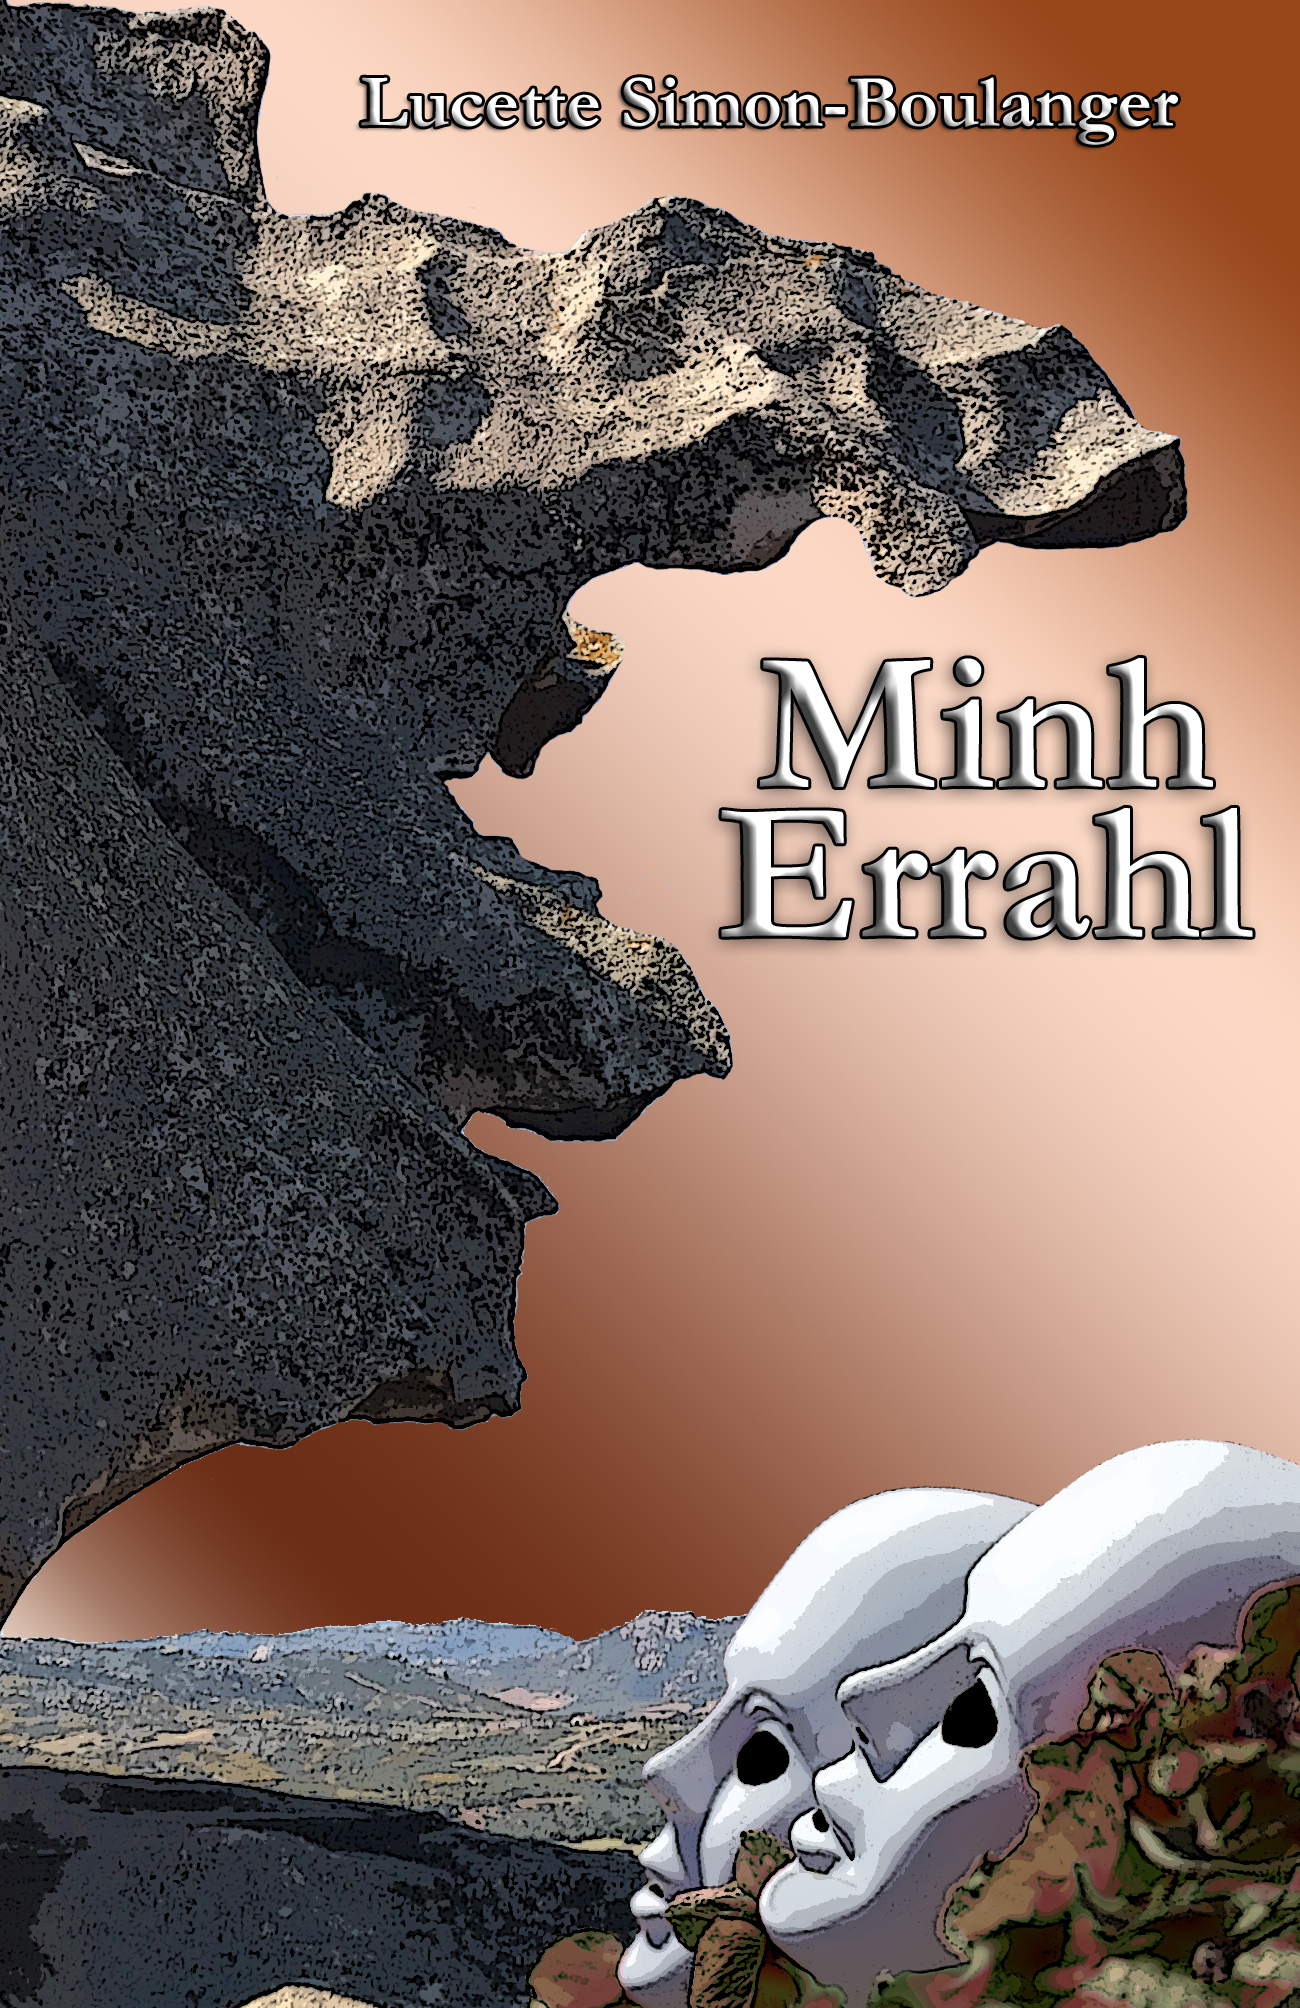 Minh Errahl